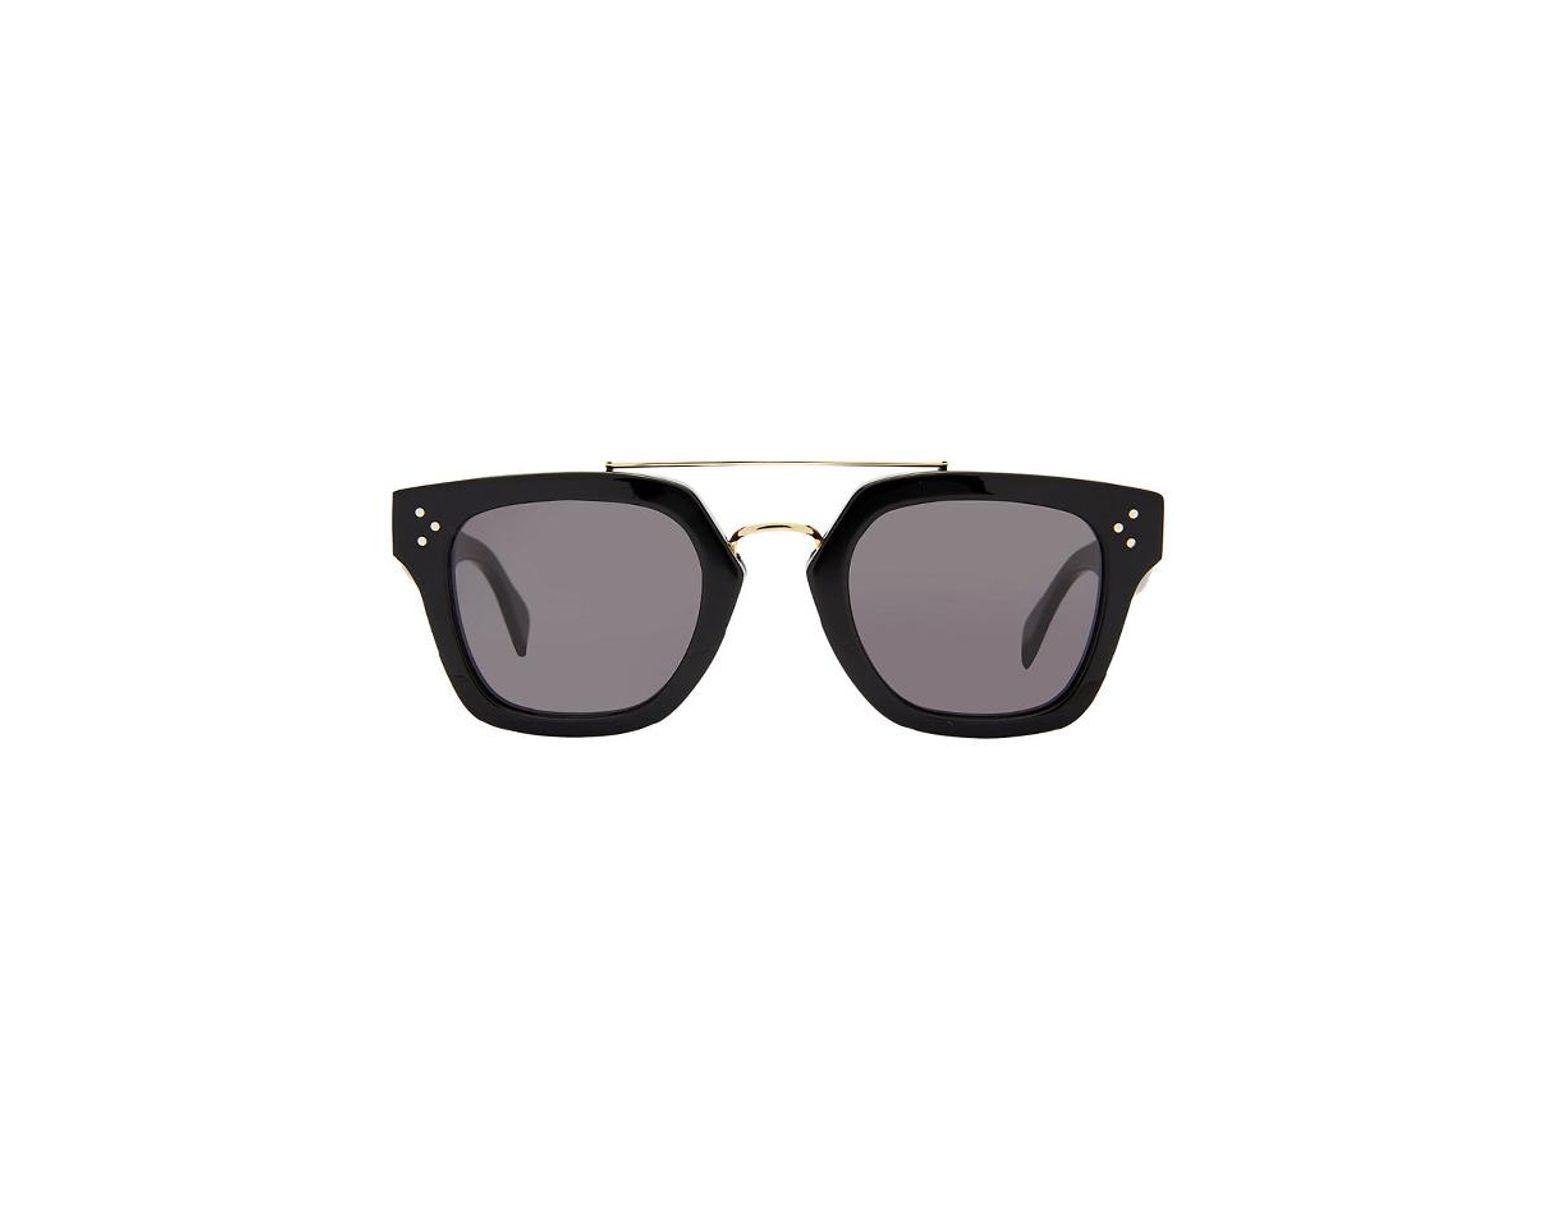 677e1f2775e01 Céline Women s Brow Bar Square Sunglasses in Black - Save 8% - Lyst